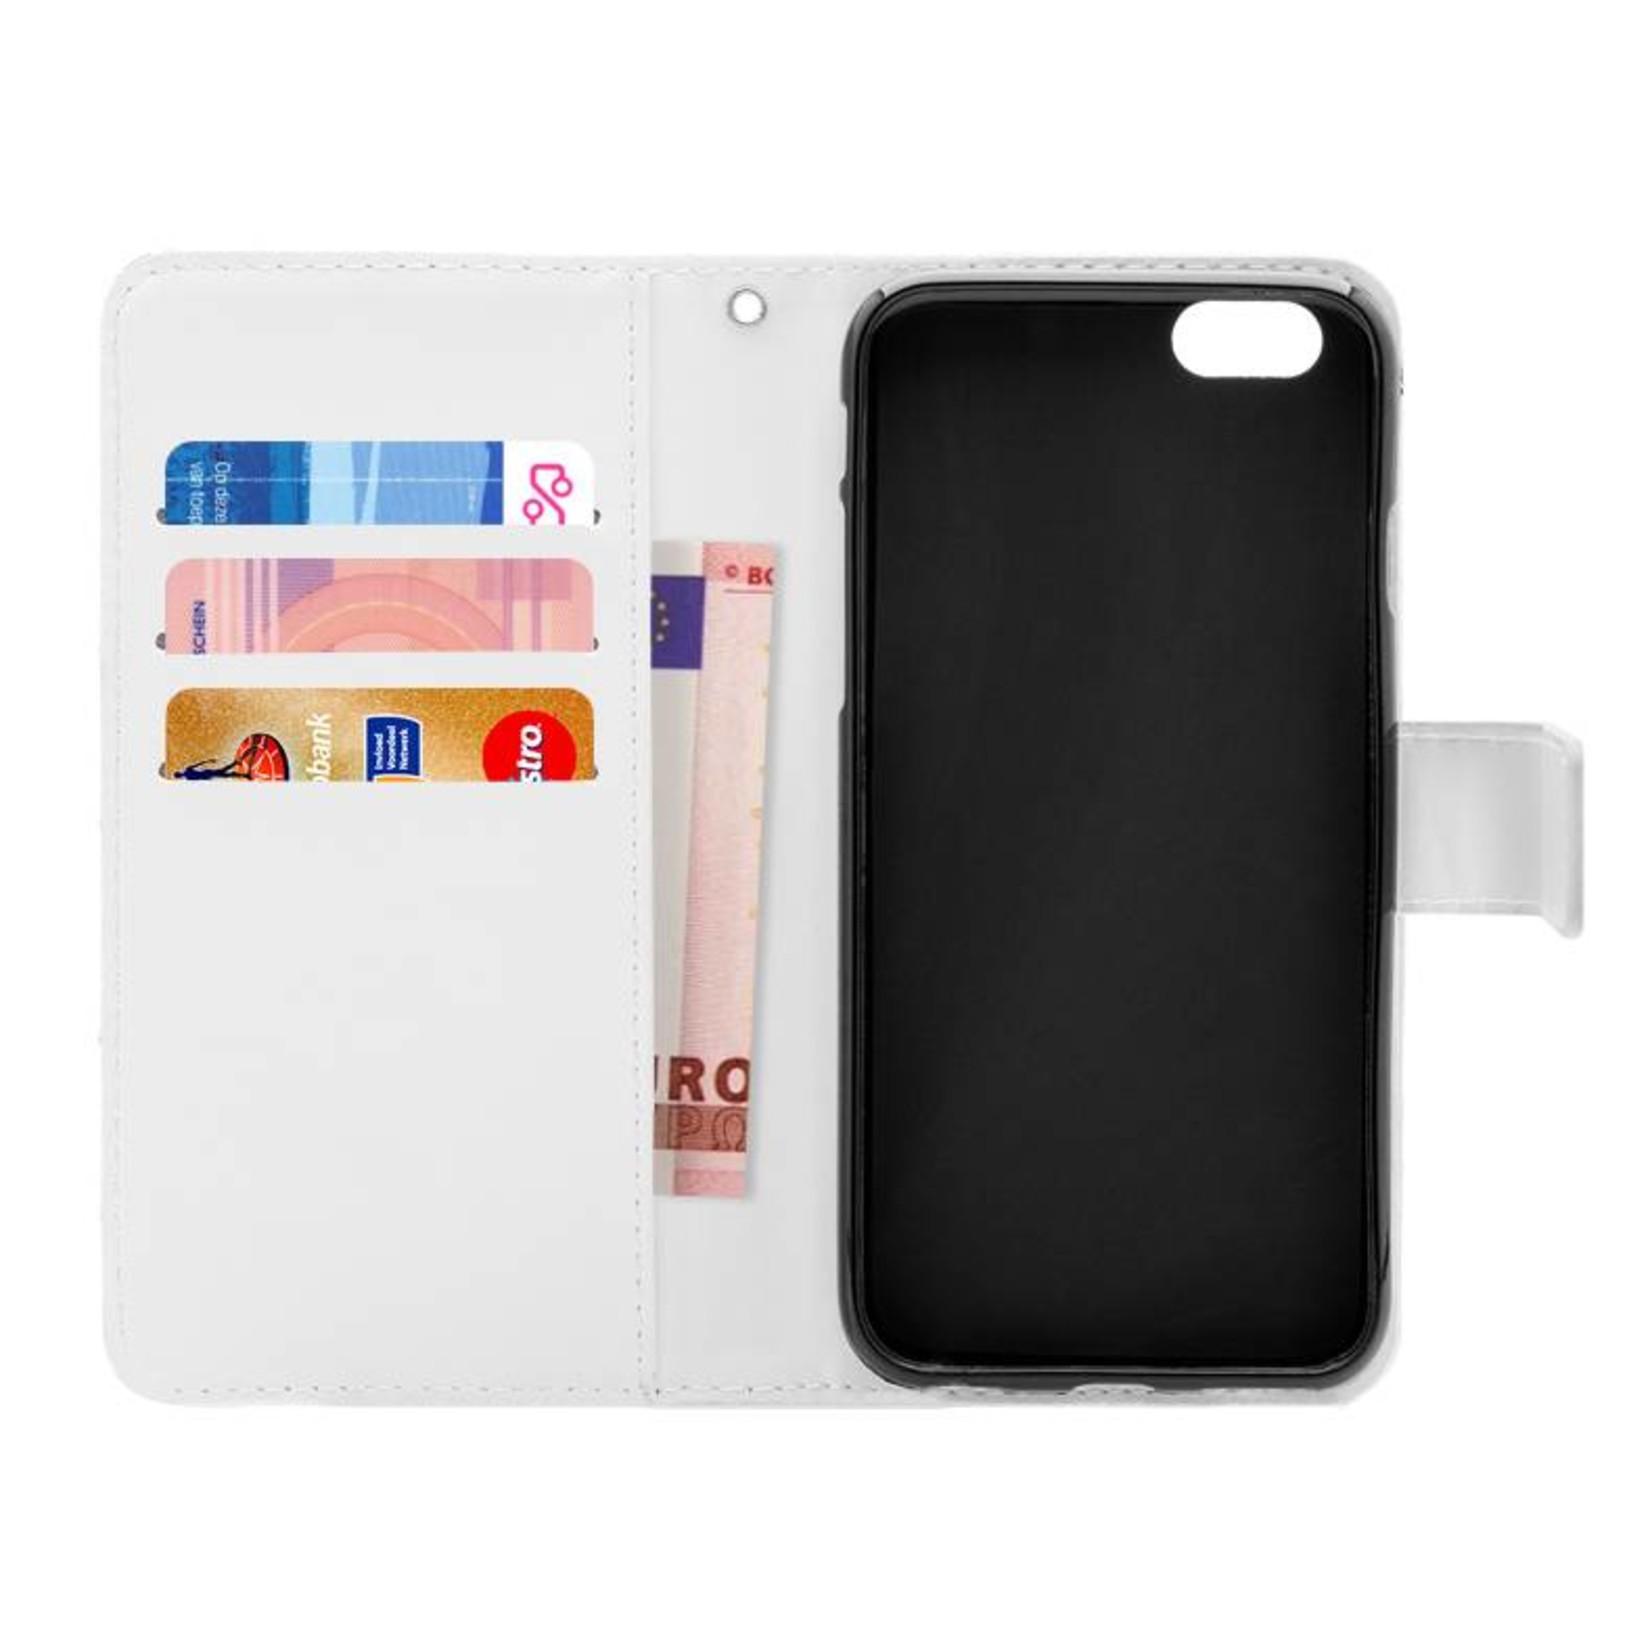 FOONCASE iPhone 6 Plus hoesje - Bookcase - Flipcase - Hoesje met pasjes - Banana leaves / Bananen bladeren